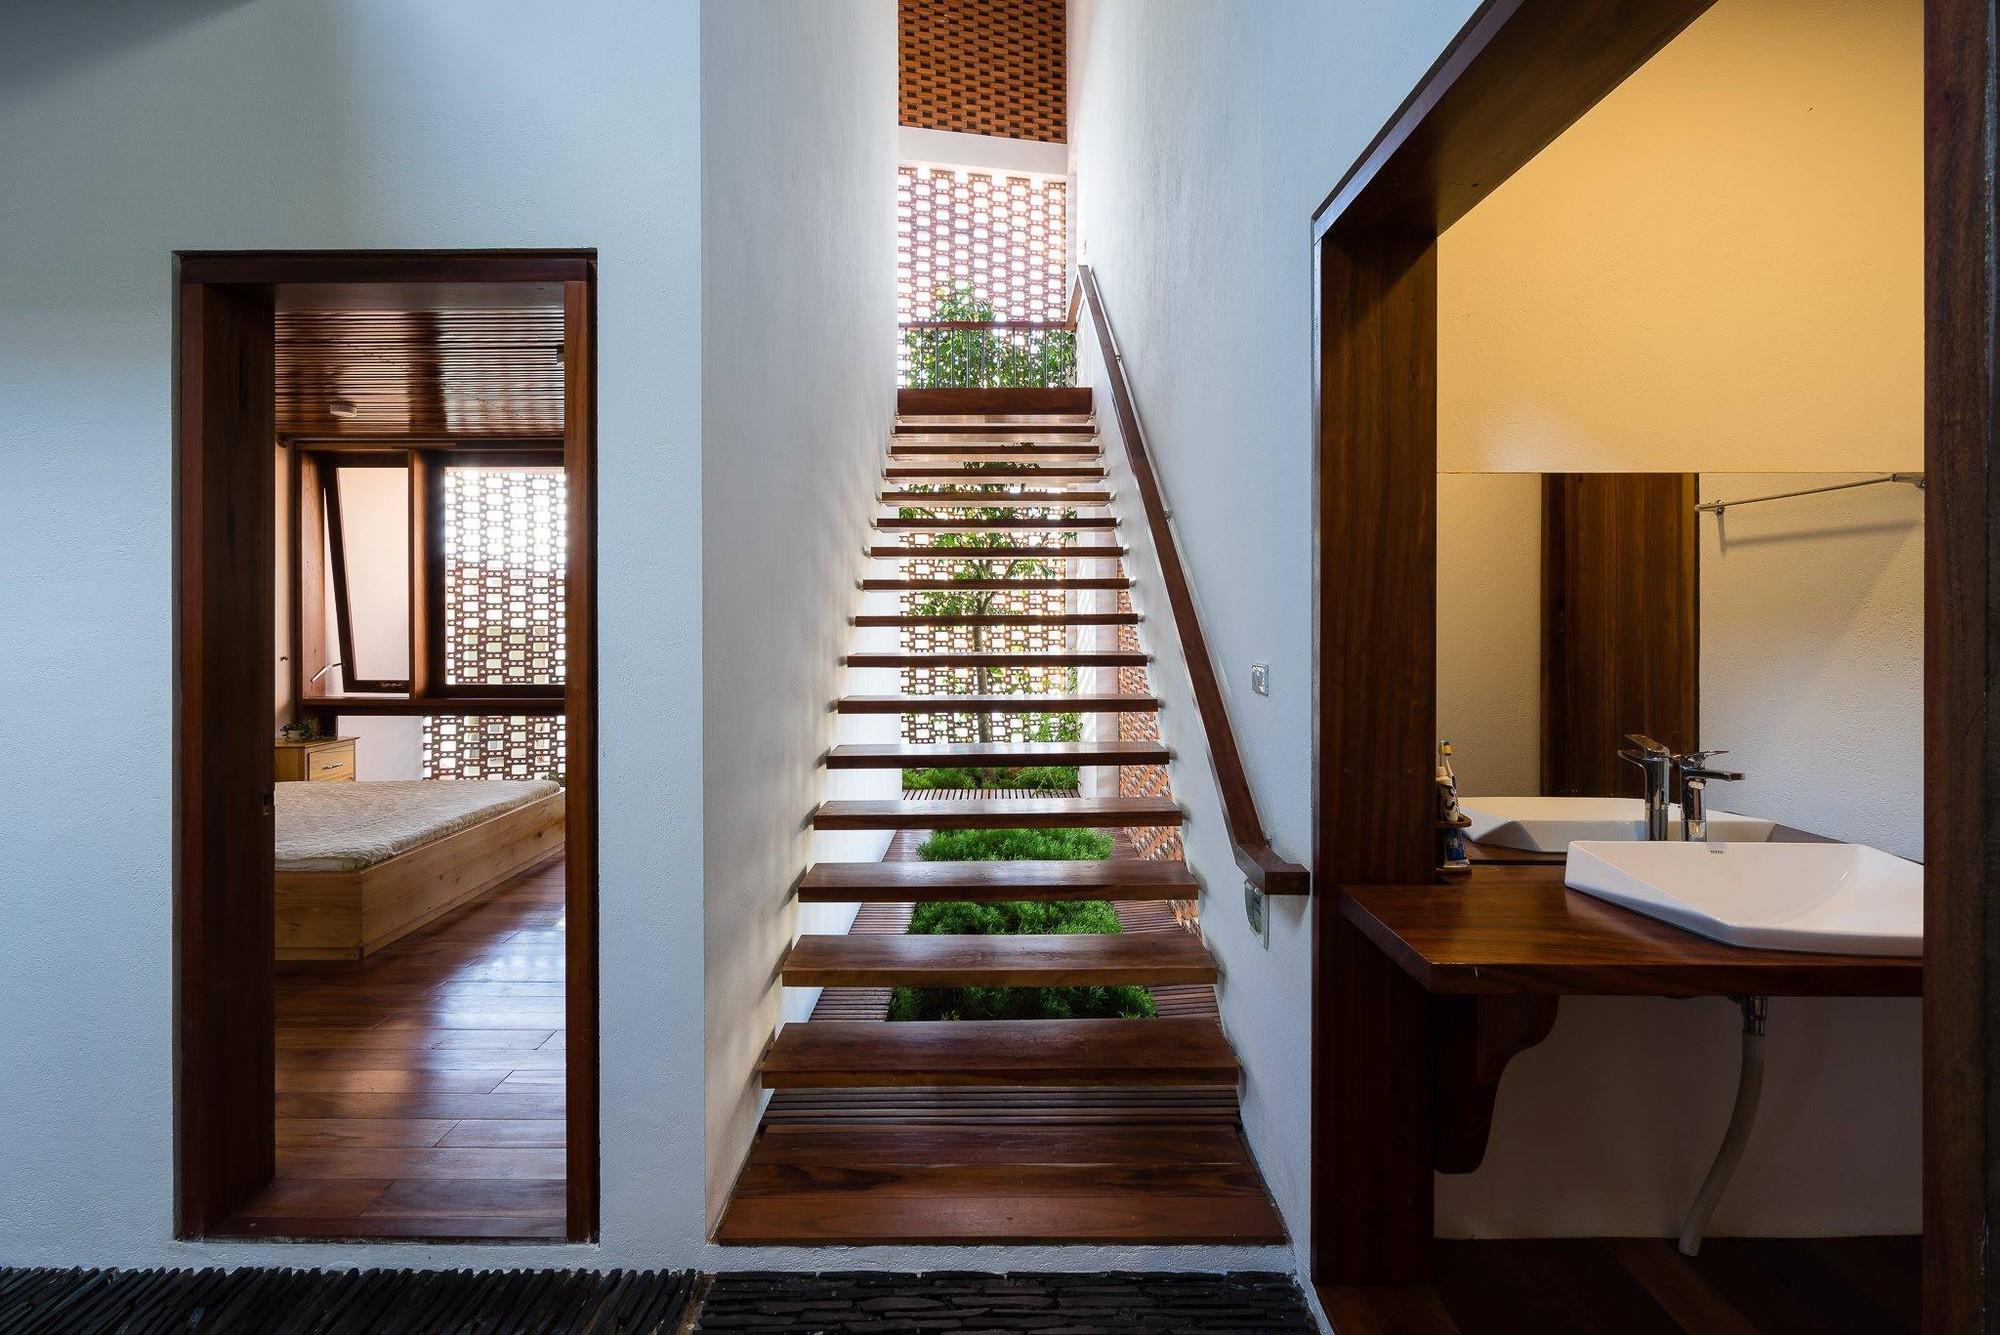 Ngôi nhà mái ngói cấp 4 đẹp như resort khiến nhiều người ước mơ ở Lâm Đồng - Ảnh 12.